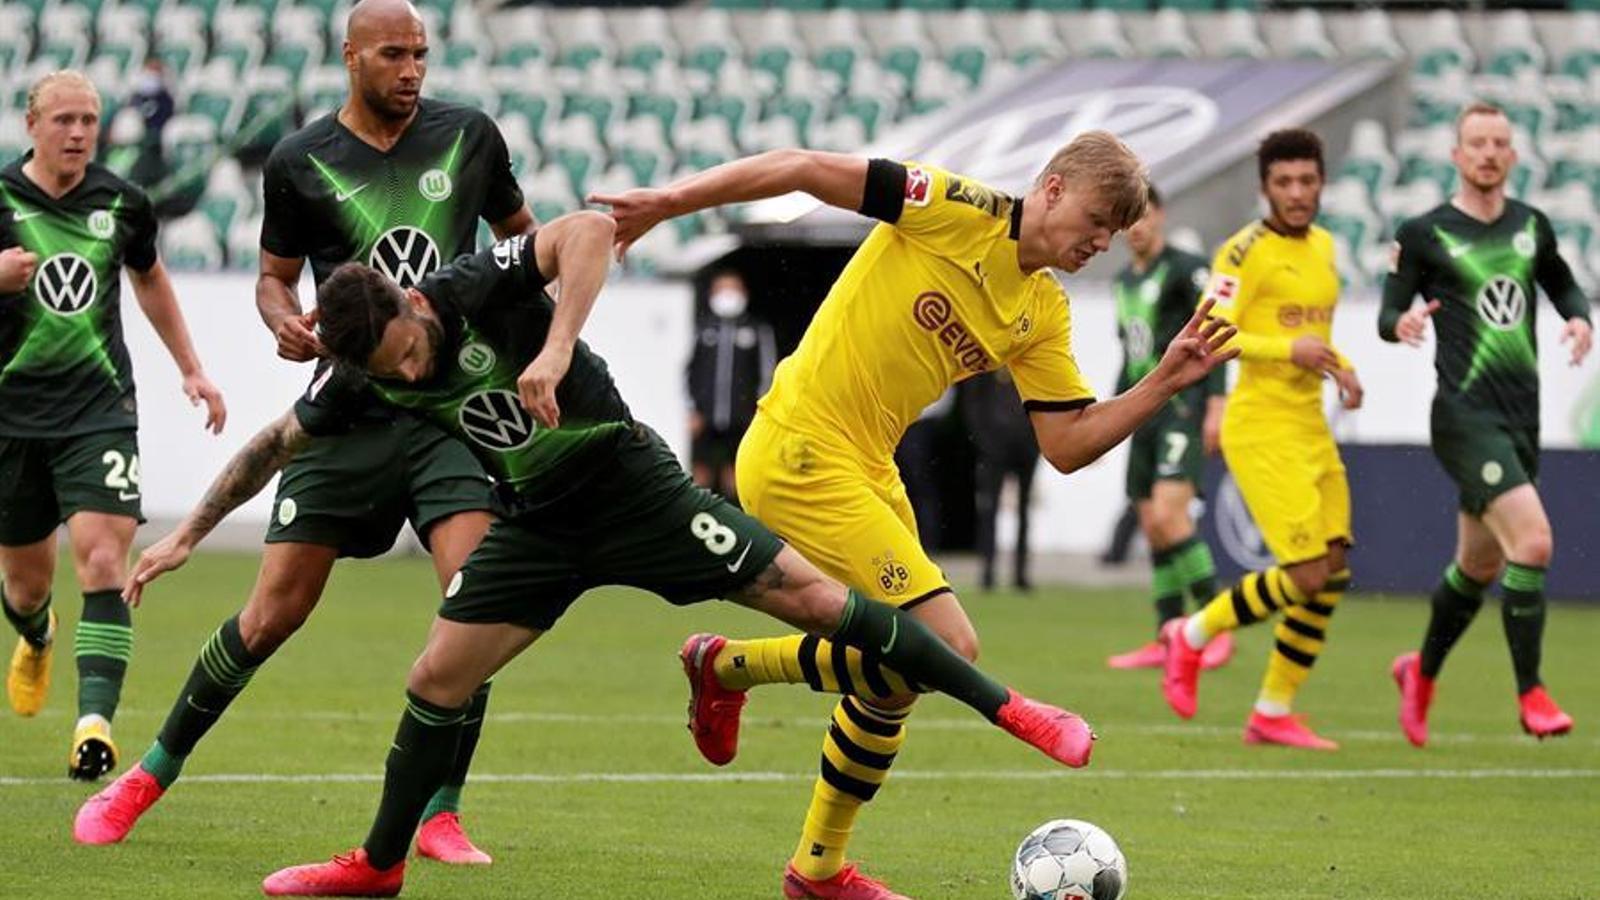 Haaland contra Steffen durant el Wolfsburg-Dortmund